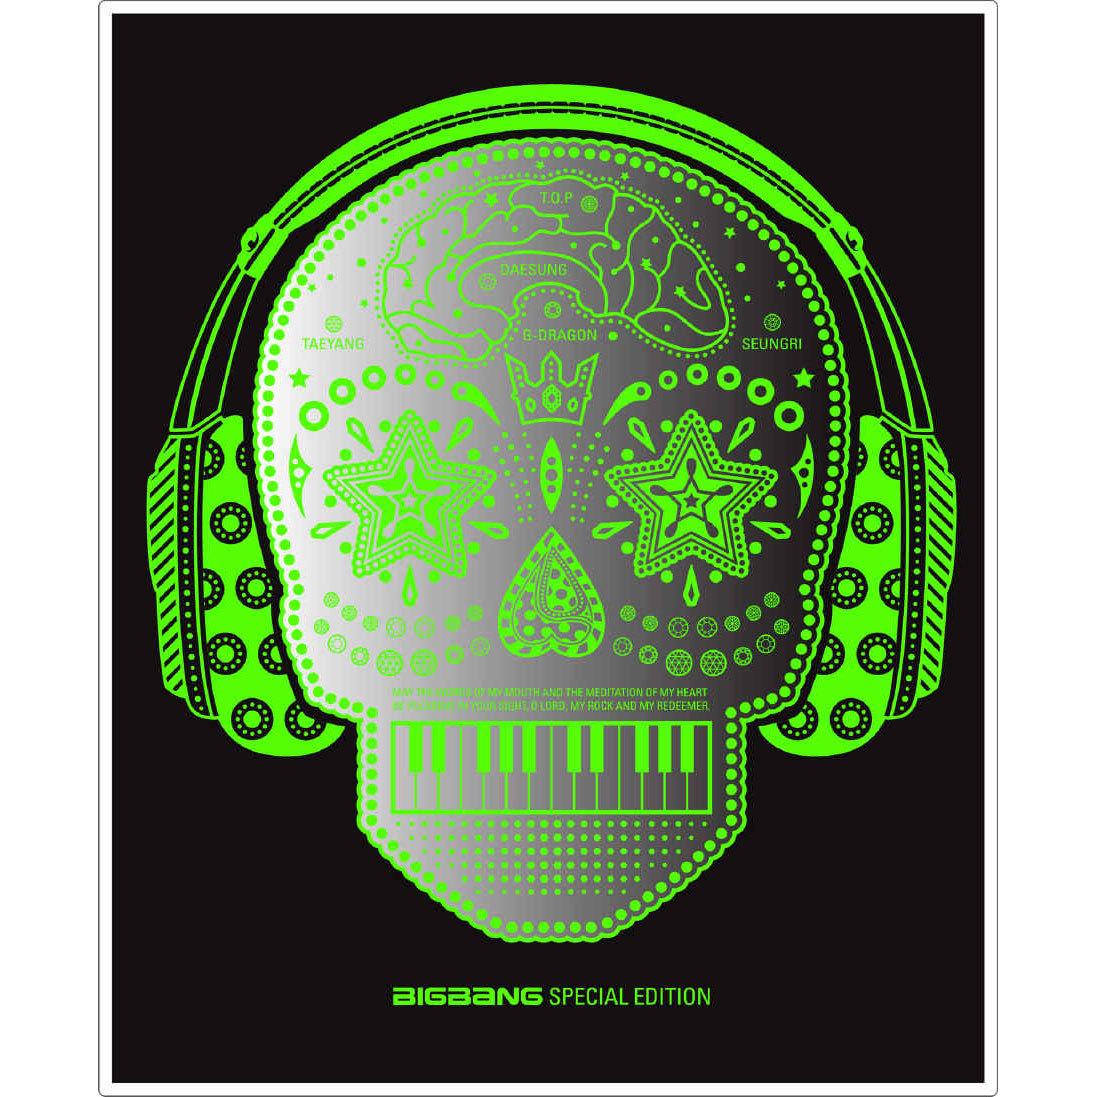 download mini album big bang � bigbang vol 45 special